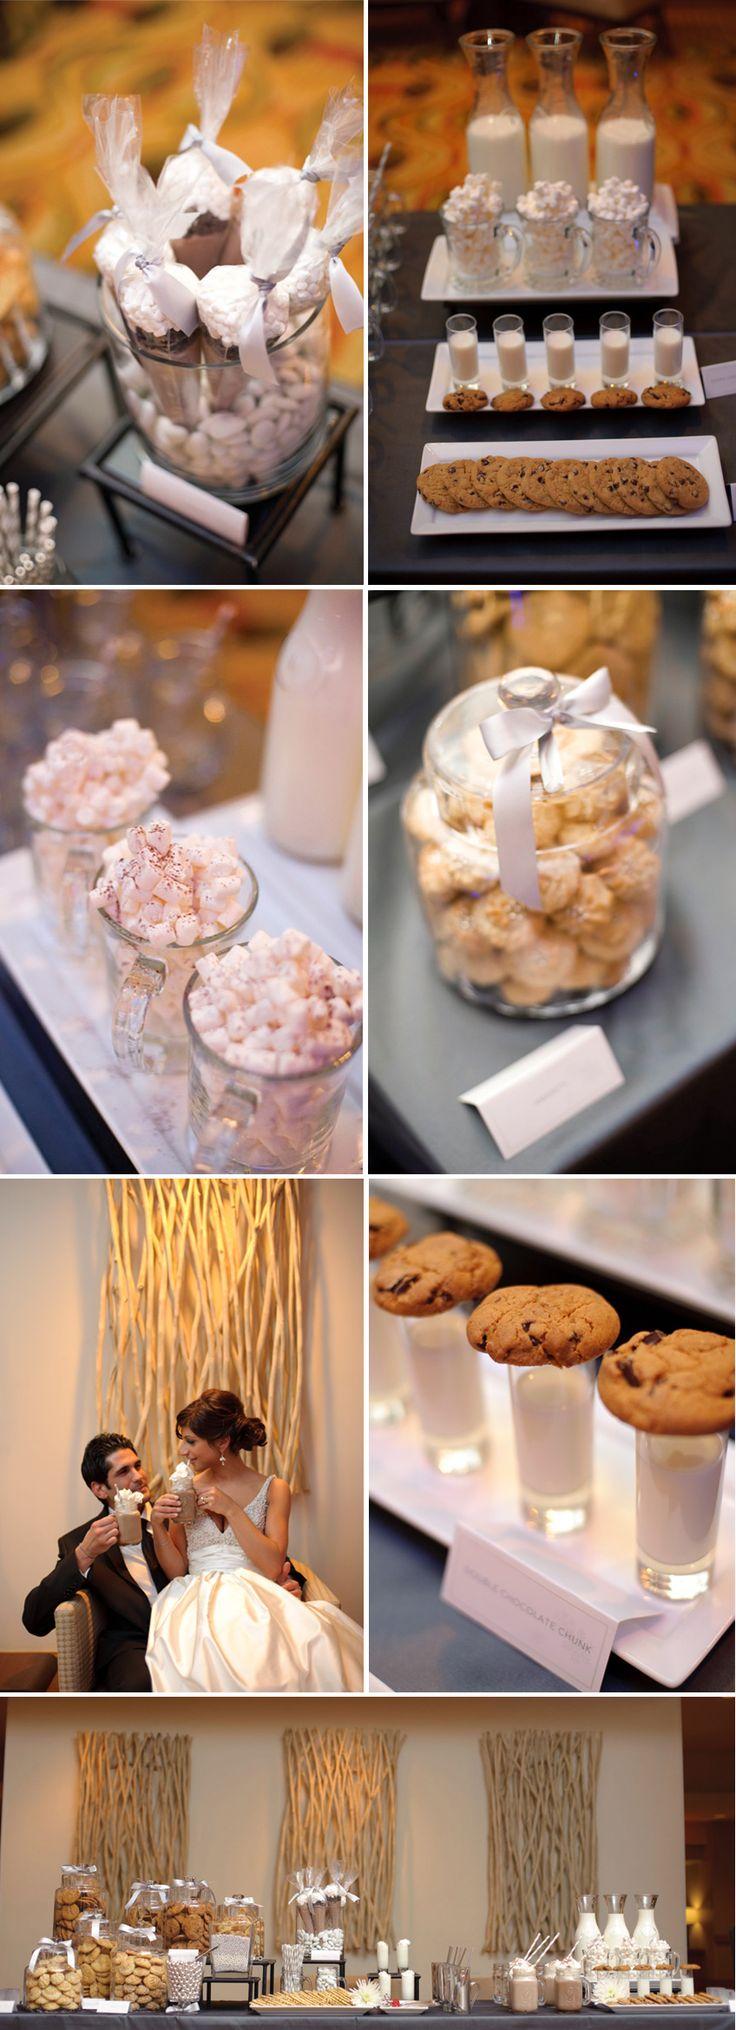 Cookie Bar: Cookies Bar, Cookies Monsters, Wedding Hot Chocolates Bar, Candy Bar, Hot Chocolates Bar Wedding, Desserts Bar, Milk Bar, Desserts Tables, Hot Chocolates Bar For Wedding